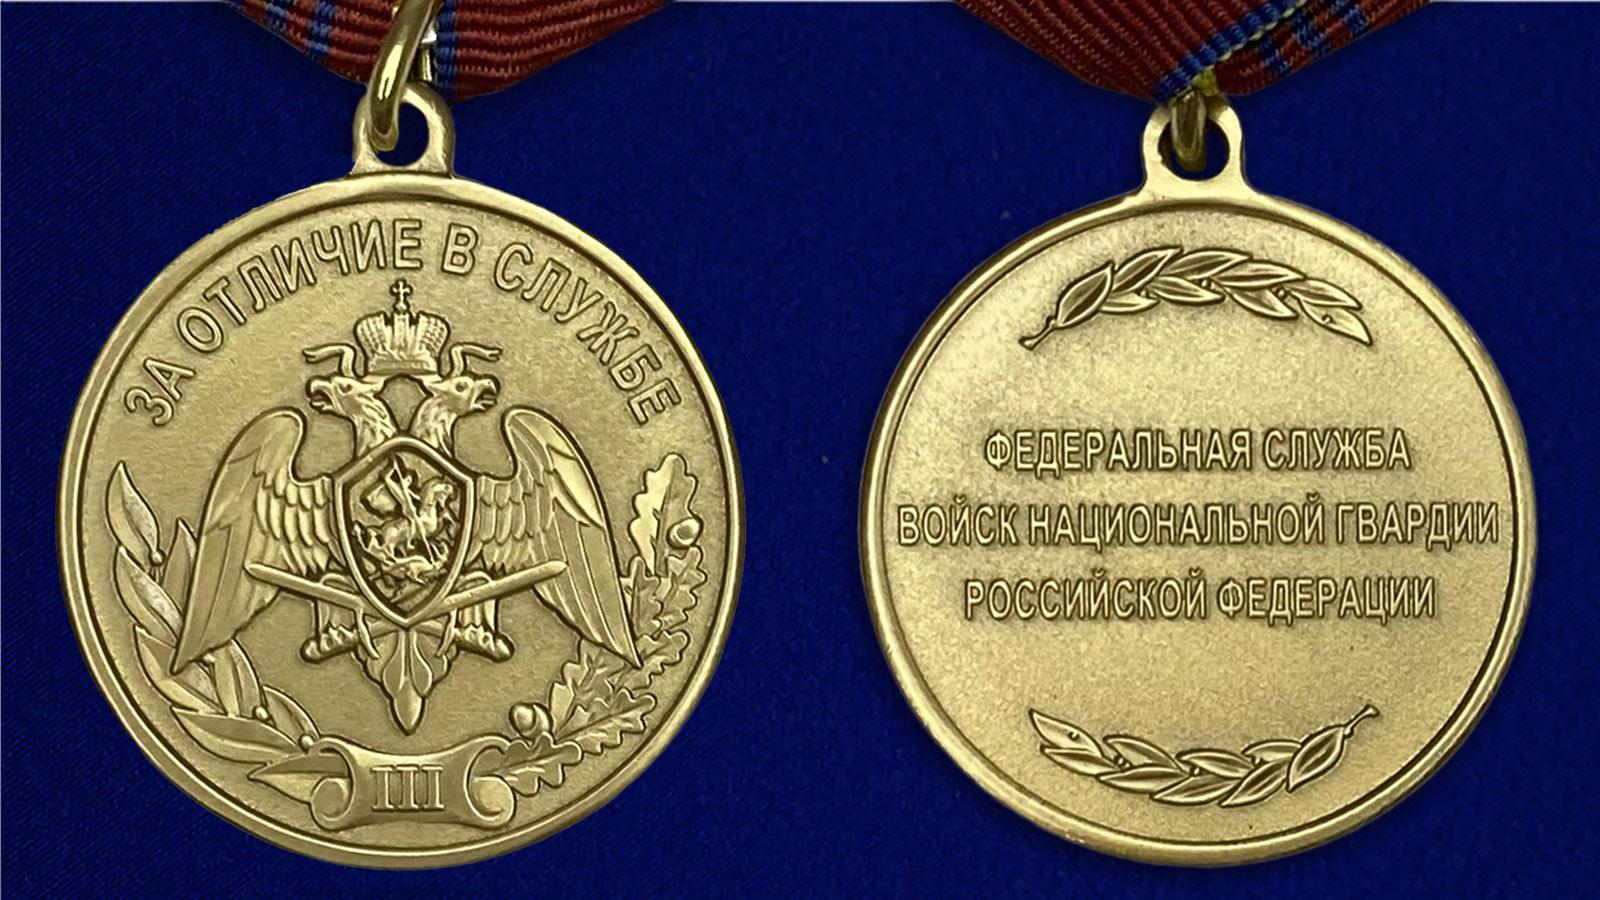 """Медаль Росгвардии """"За отличие в службе"""" 3 степени - аверс и реверс"""